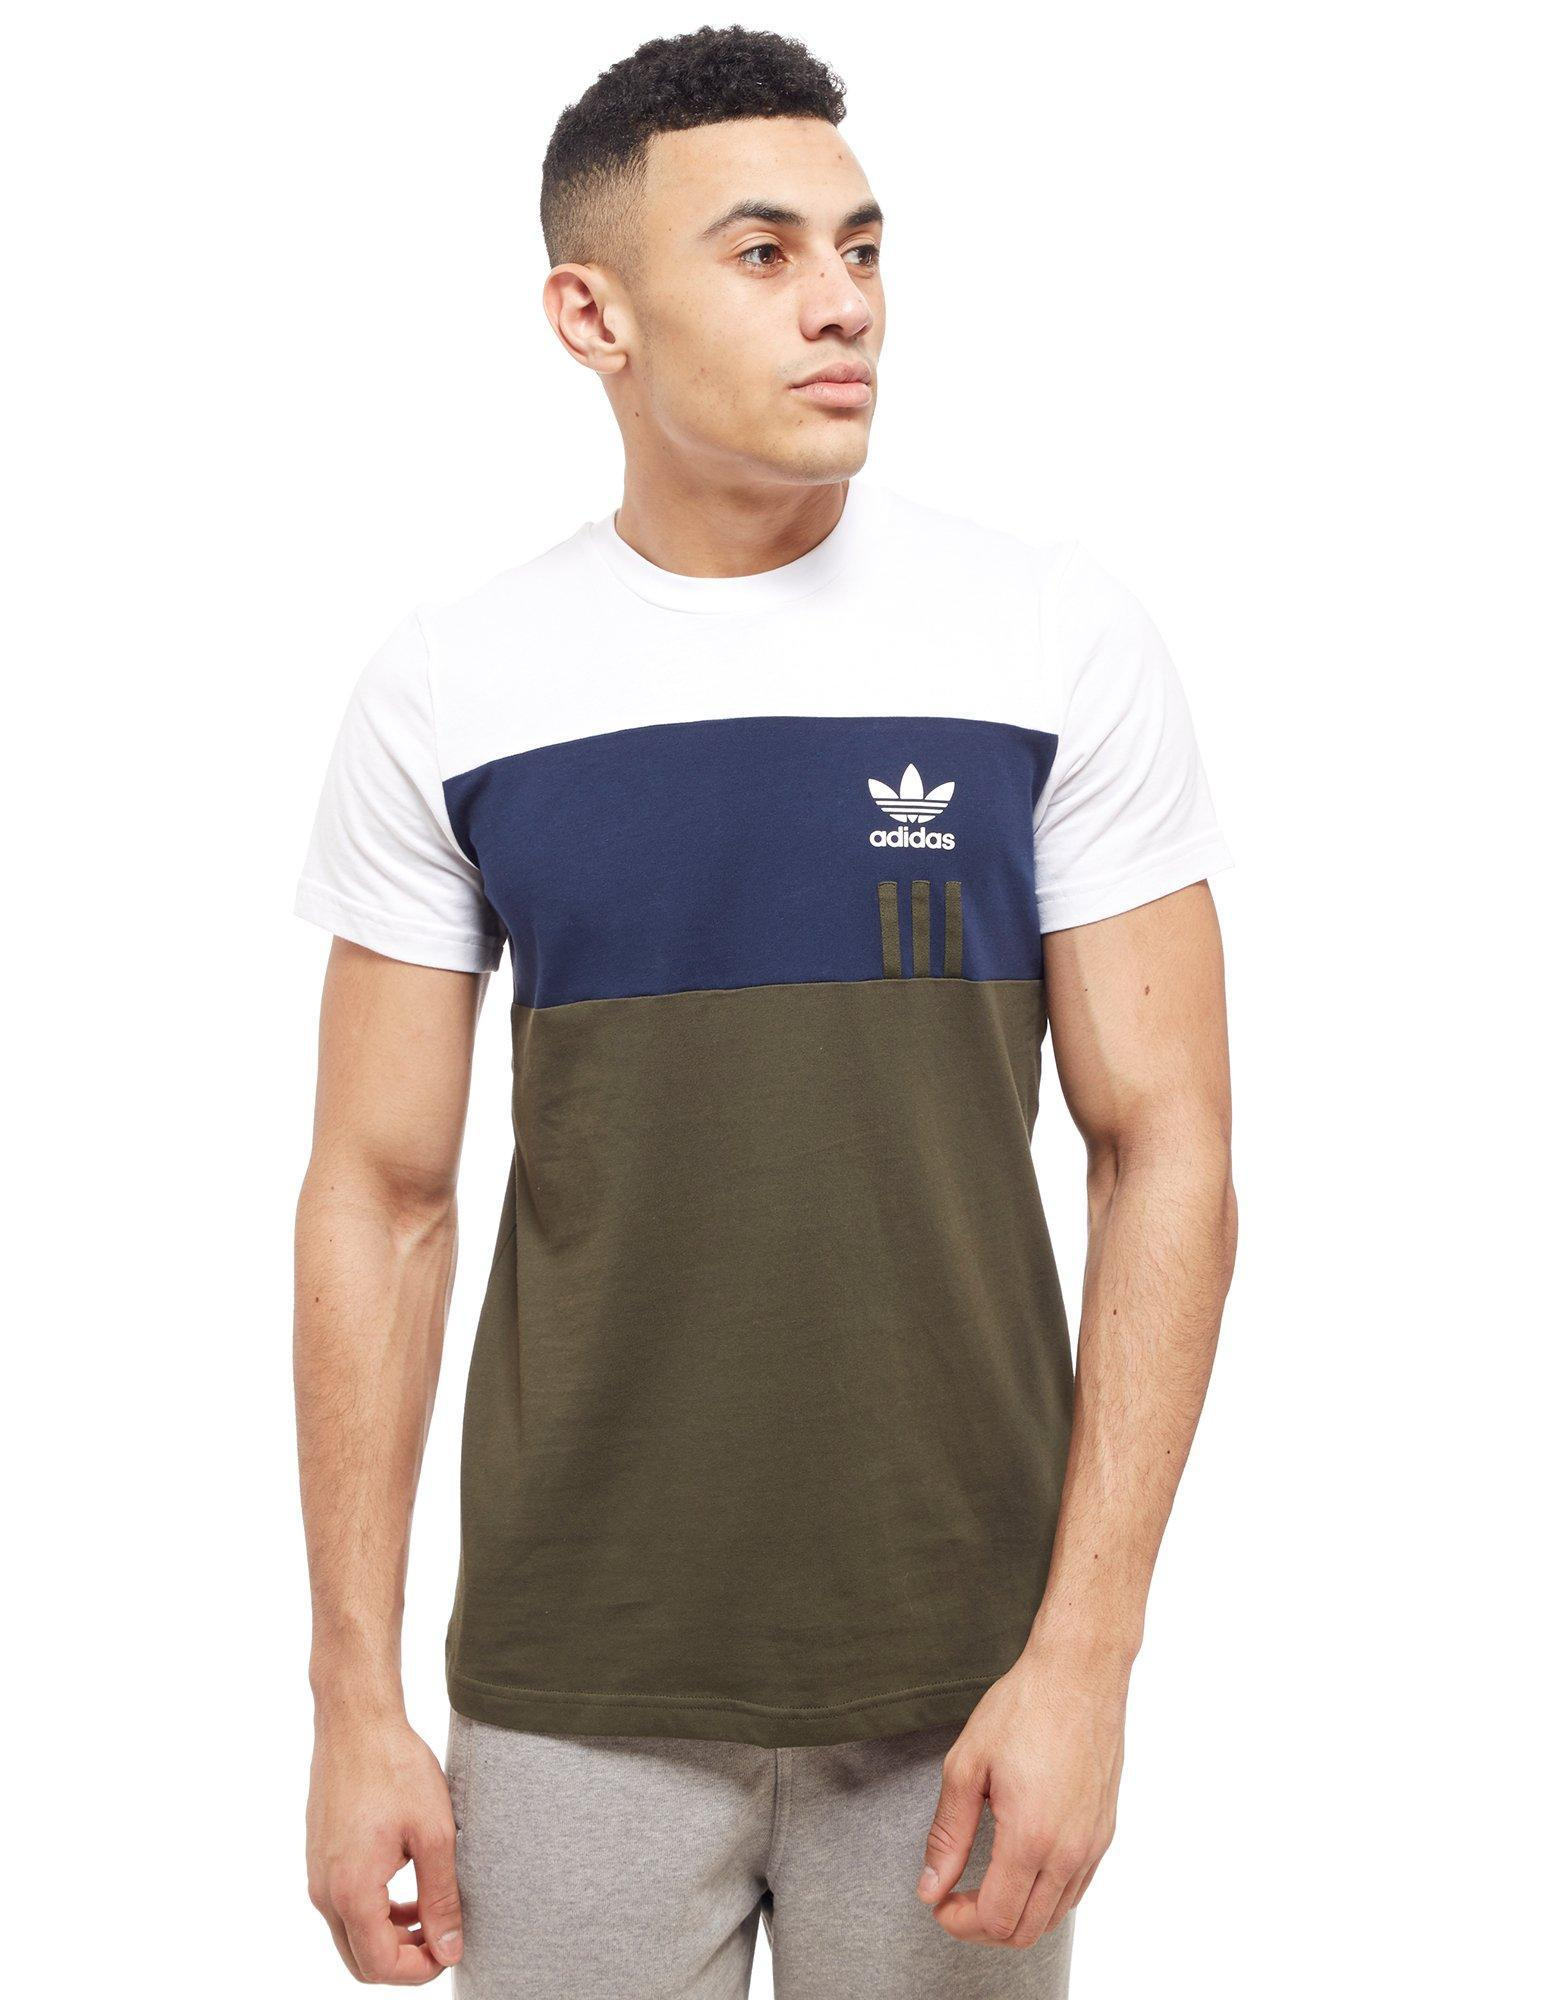 Originals For Adidas Id96 Blue Shirt T Men PkiwOZXuTl